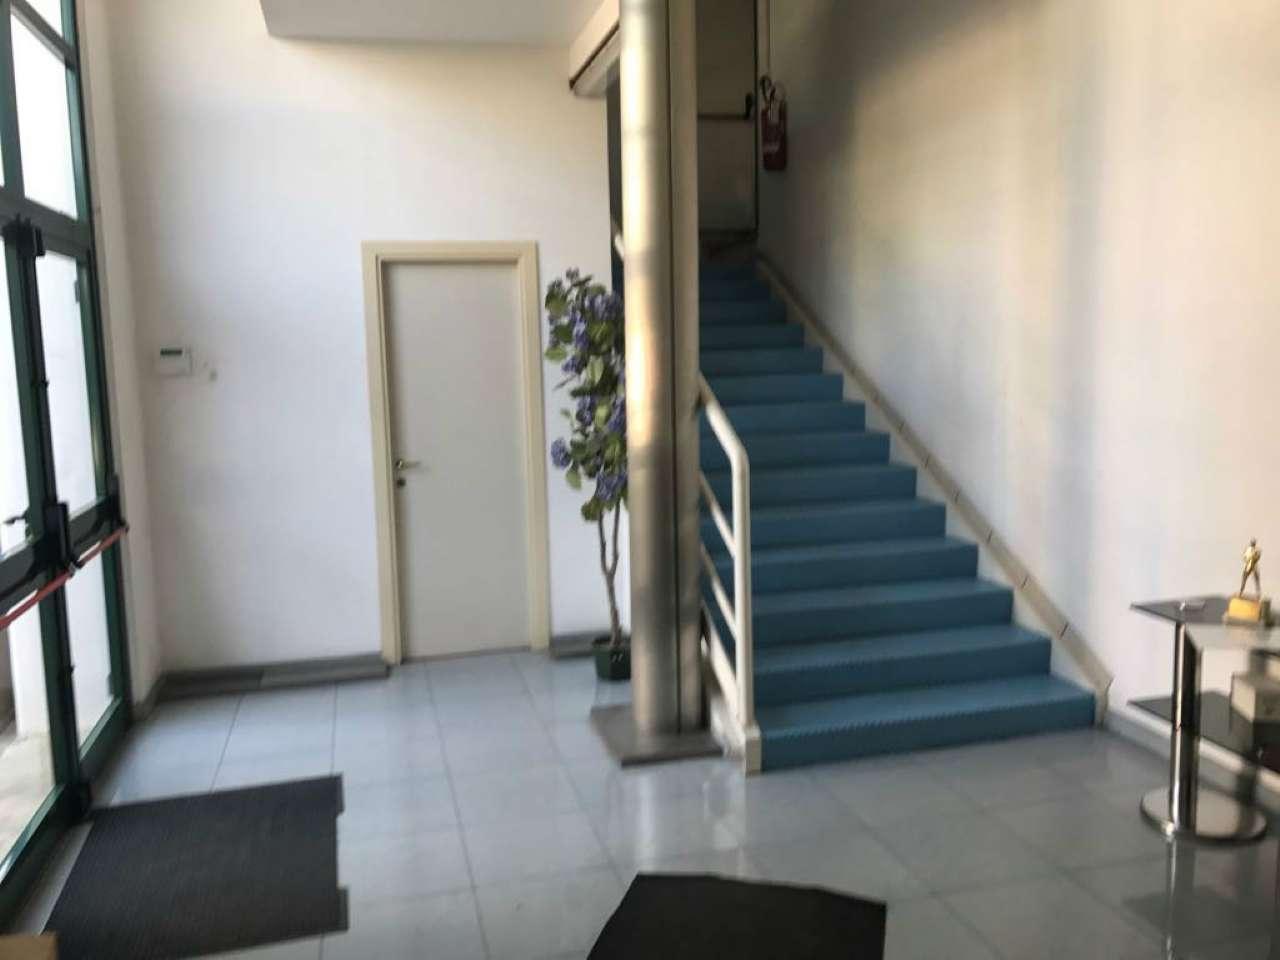 Ufficio / Studio in Vendita a Guidonia Montecelio